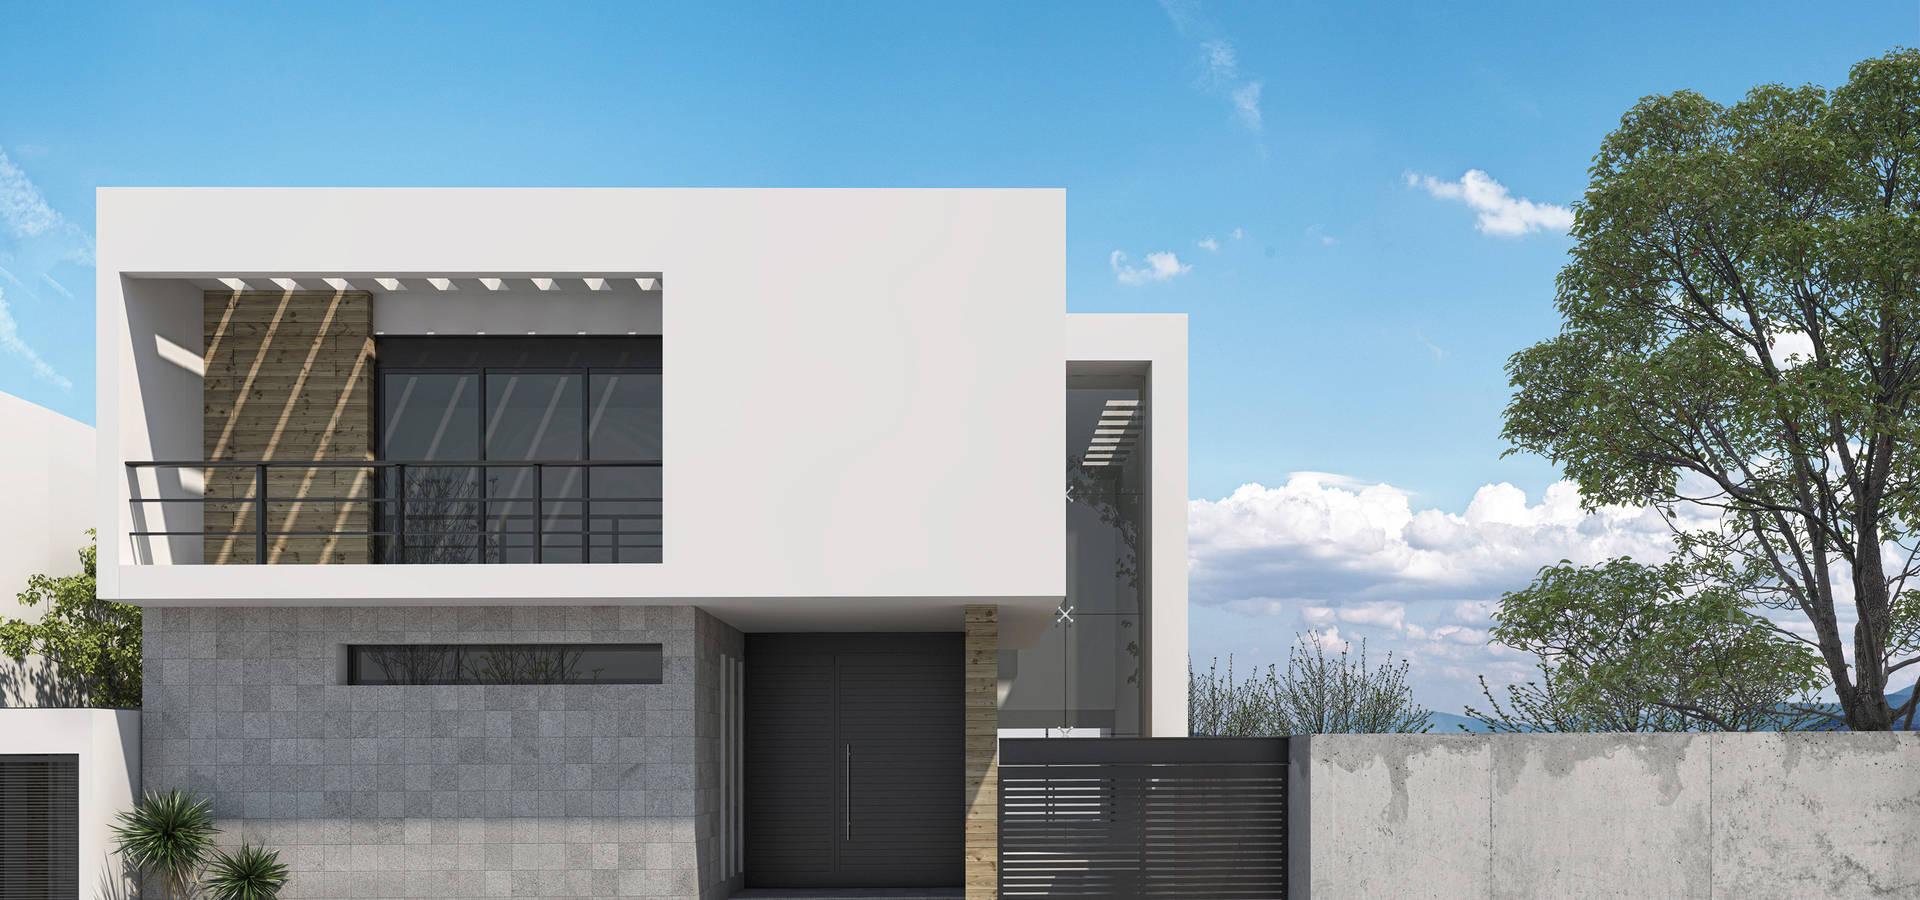 Bau-Art  Taller de Arquitectura